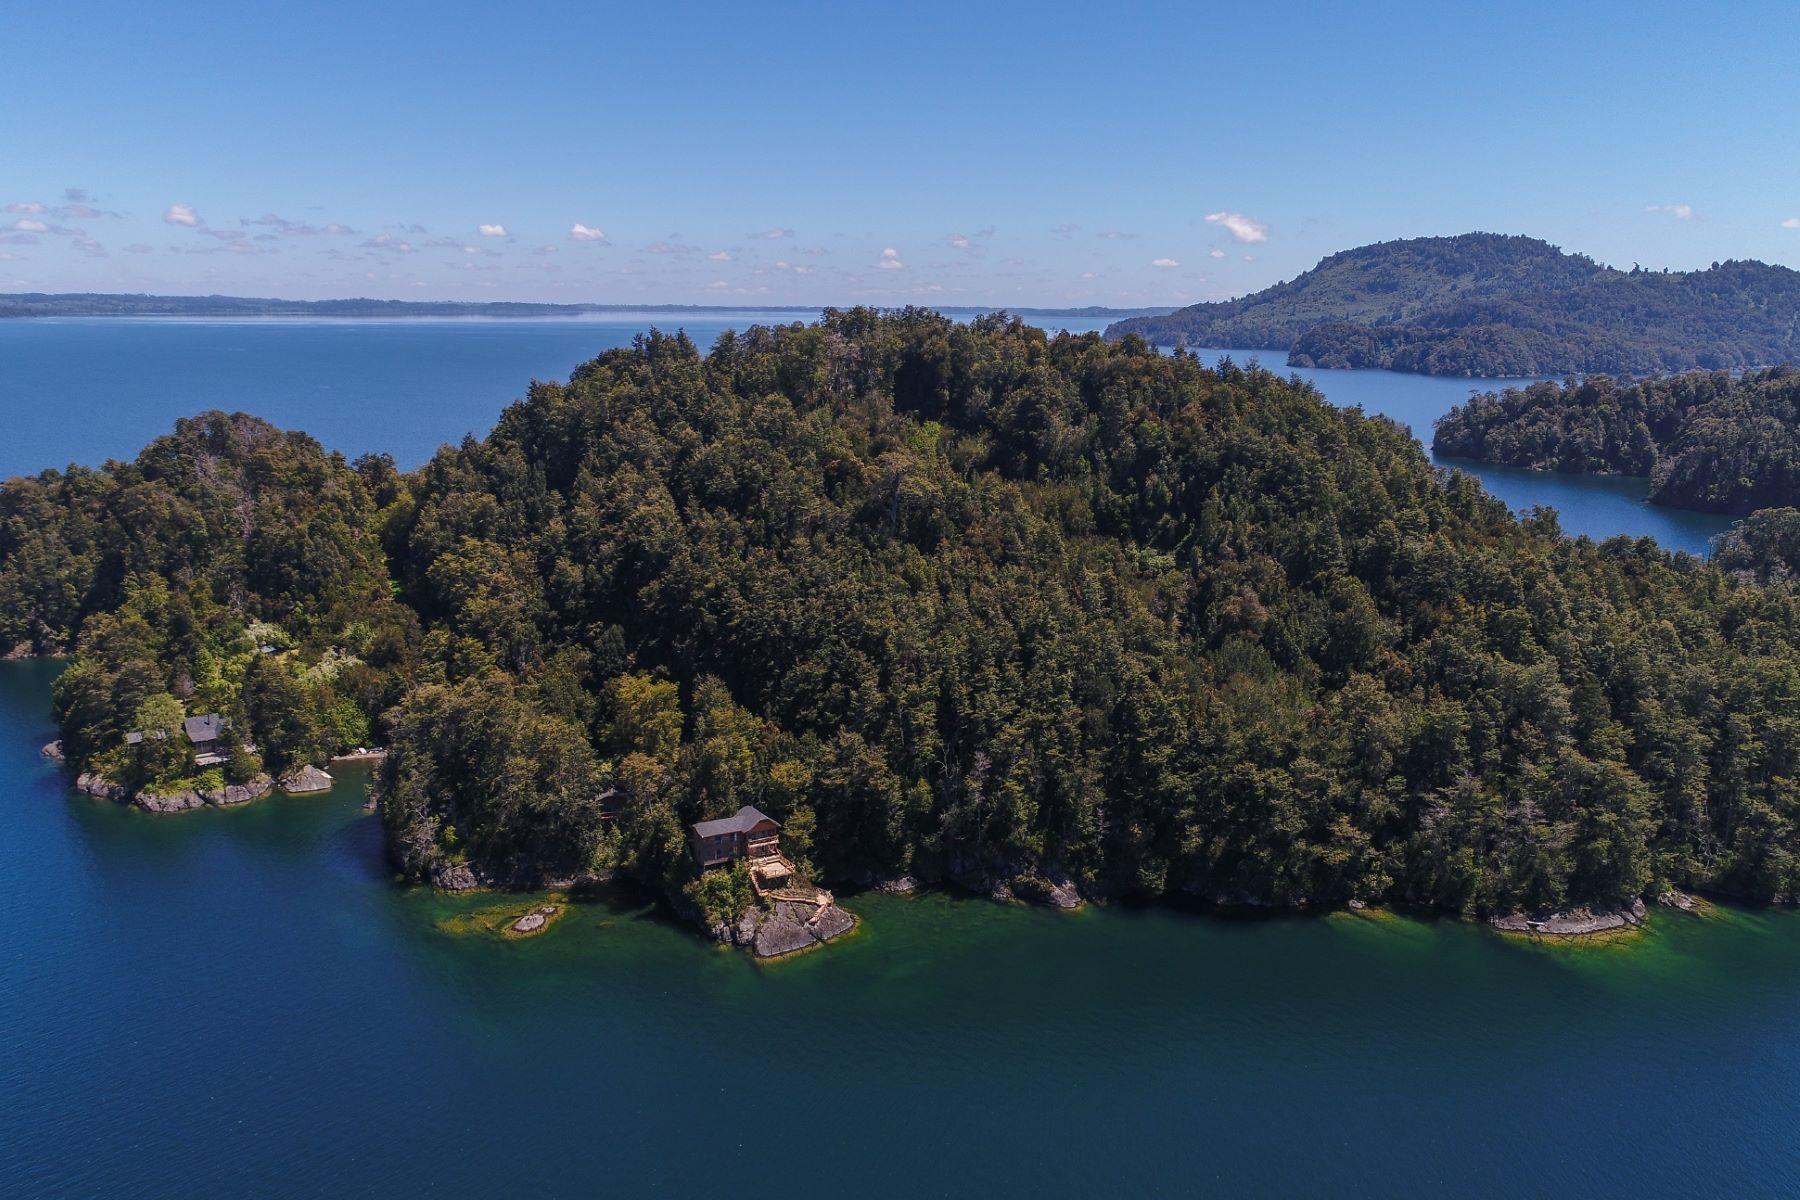 Private Islands por un Venta en Exclusiva Isla con Lodge en el Maravilloso Lago Puyehue Puyehue, Osorno, Los Lagos Chile